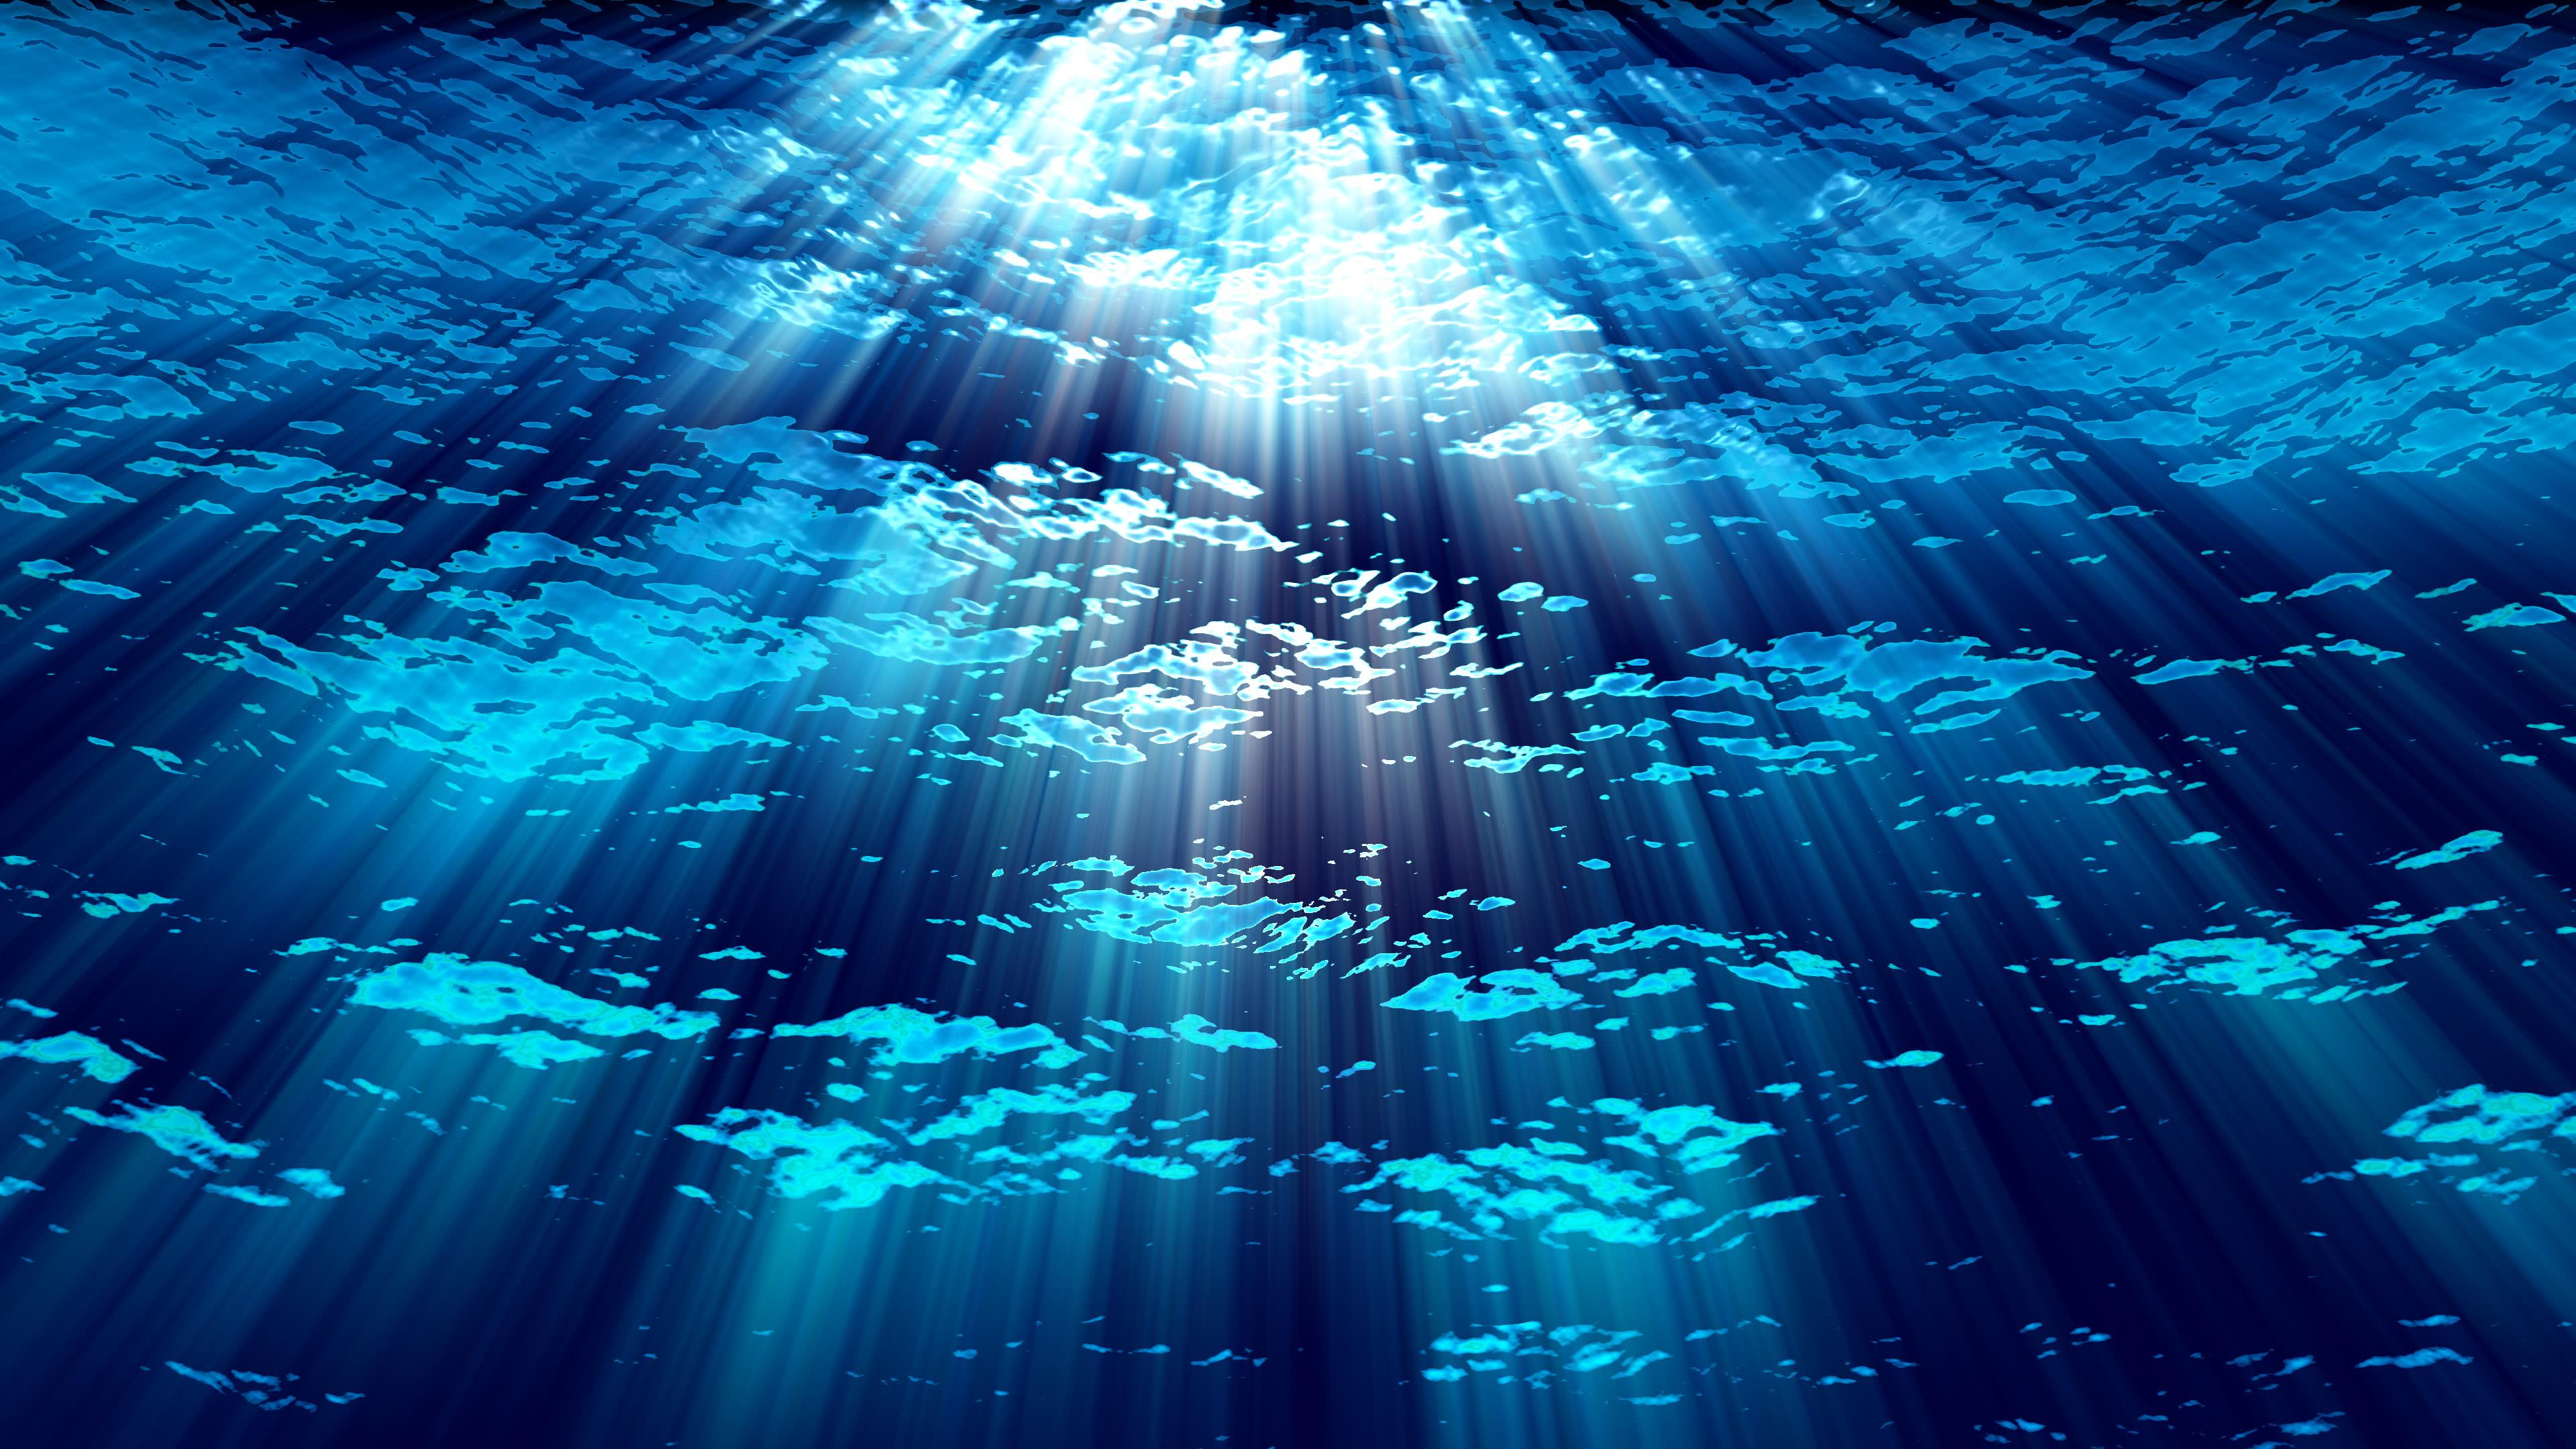 художников фото с эффектами воды тяну, вкушаю власть